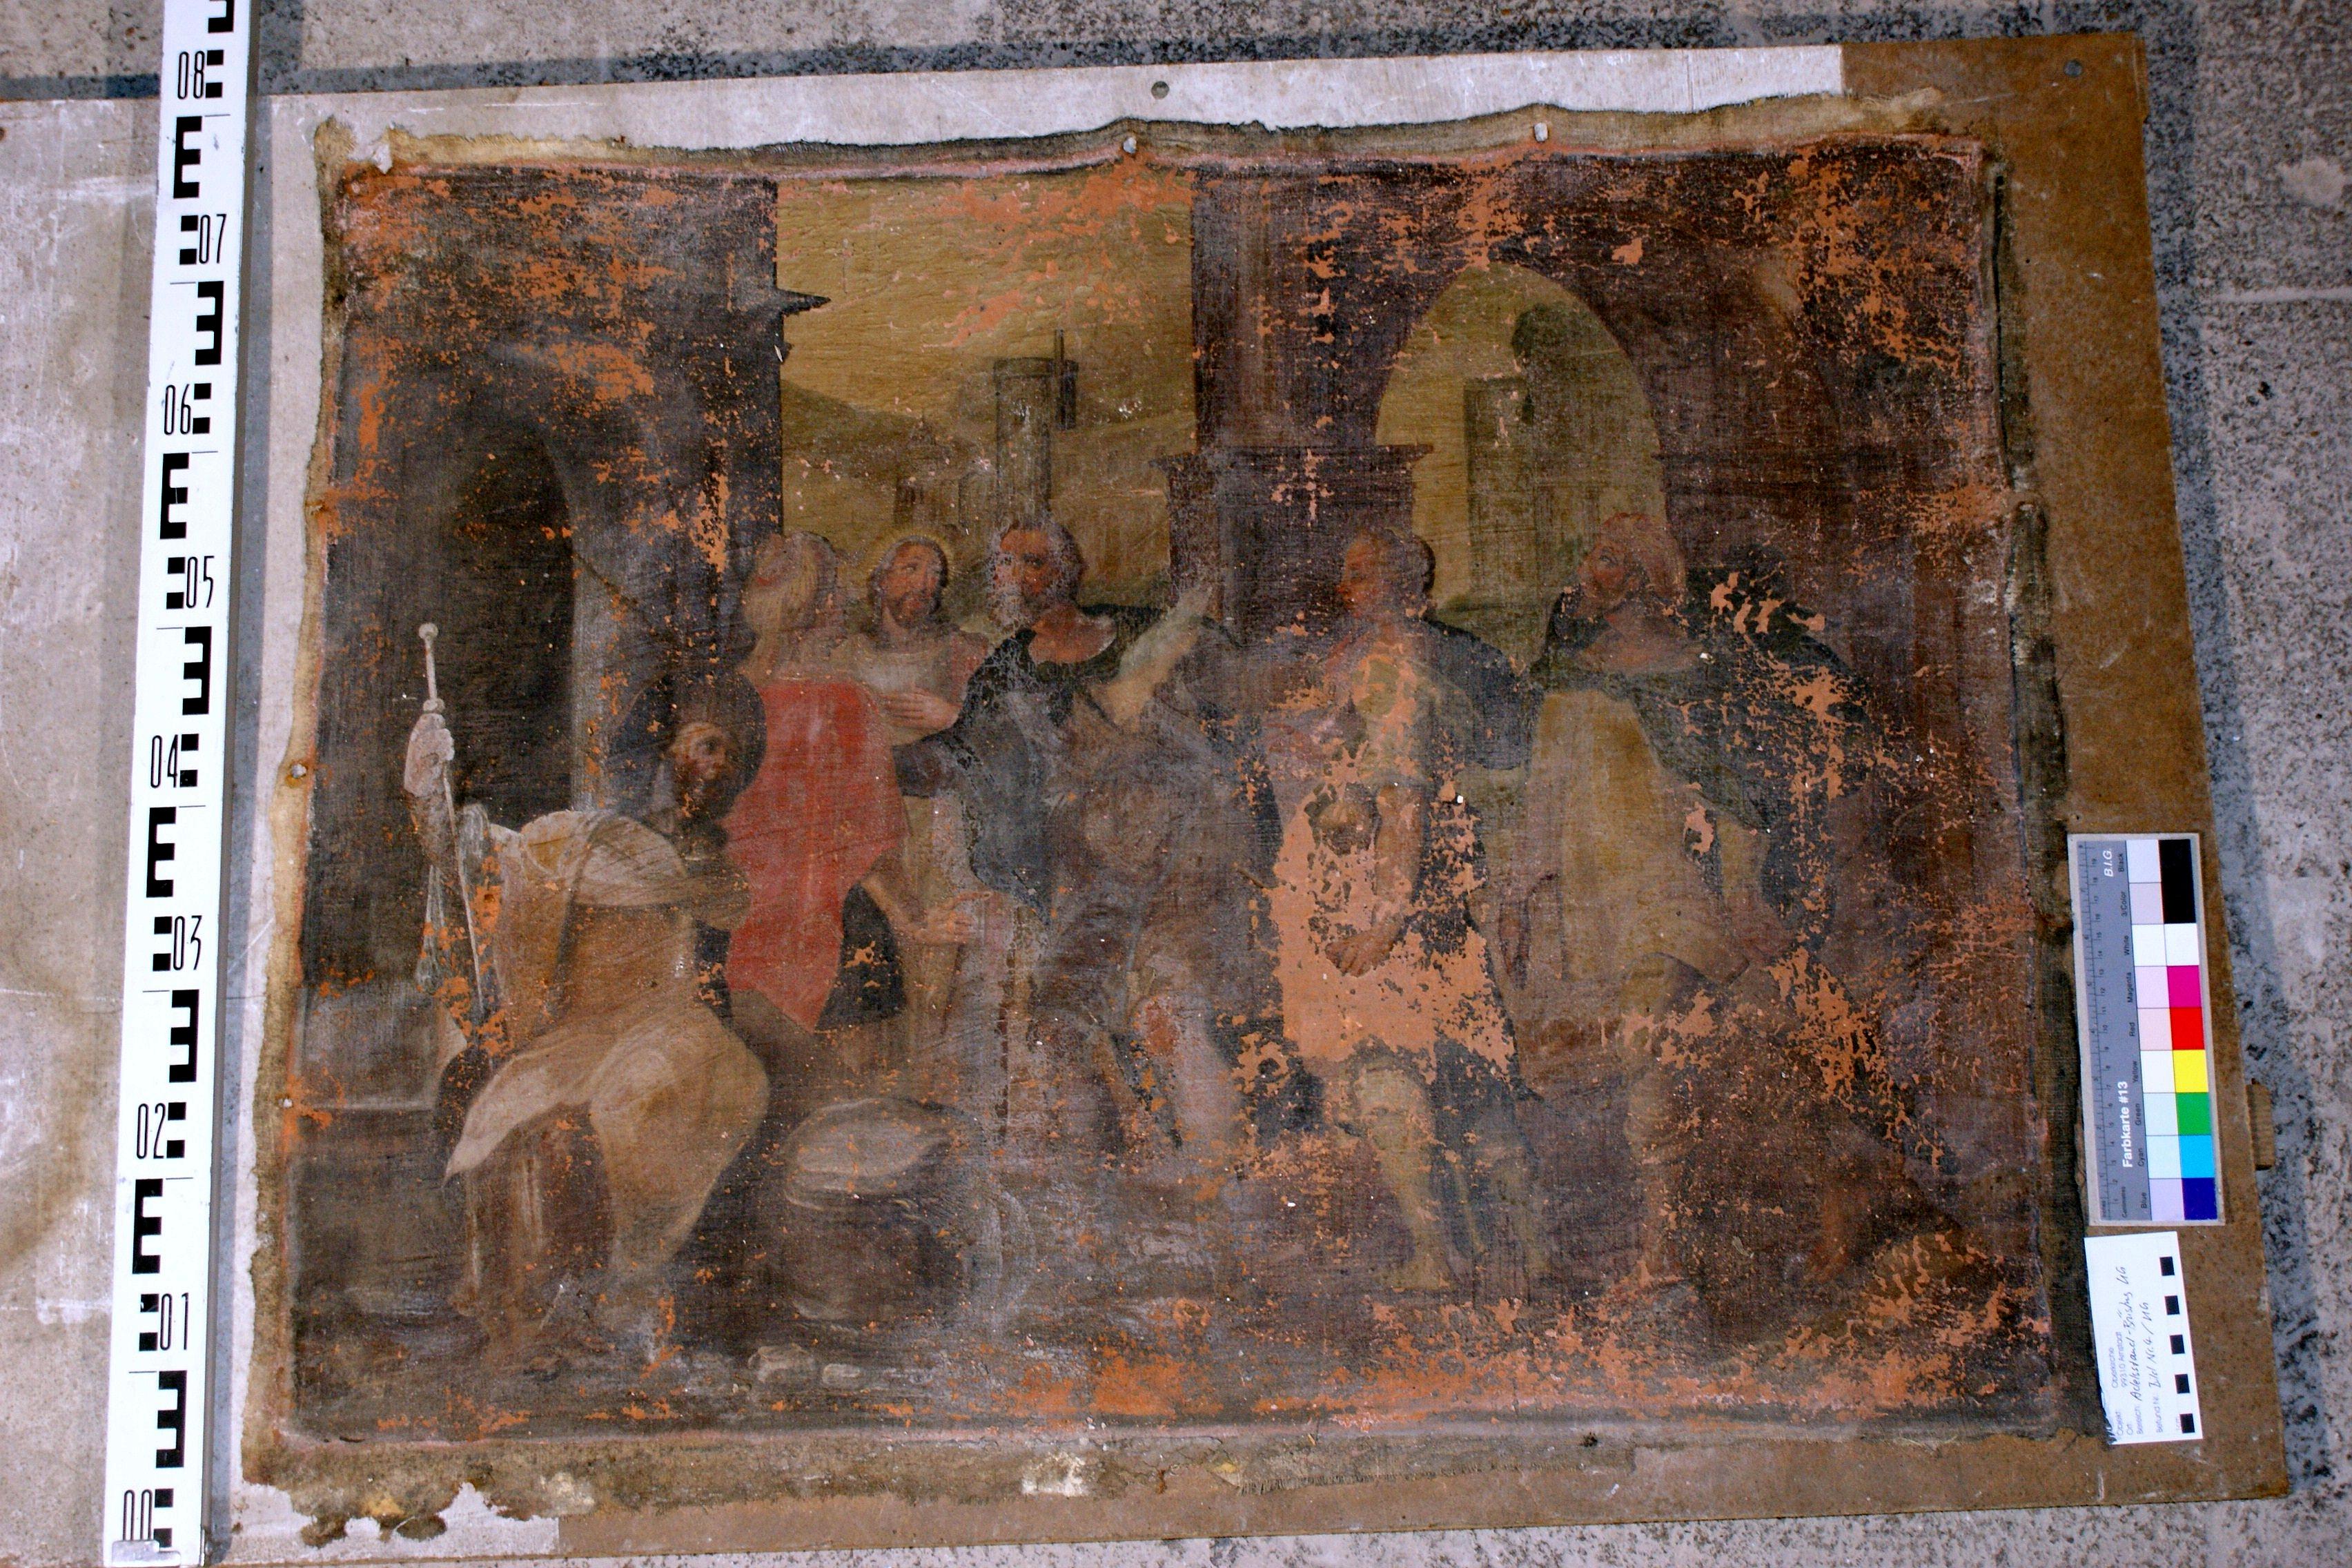 Werke der Barmherzigkeit – Fremdlinge beherbergen derzeitiger Zustand